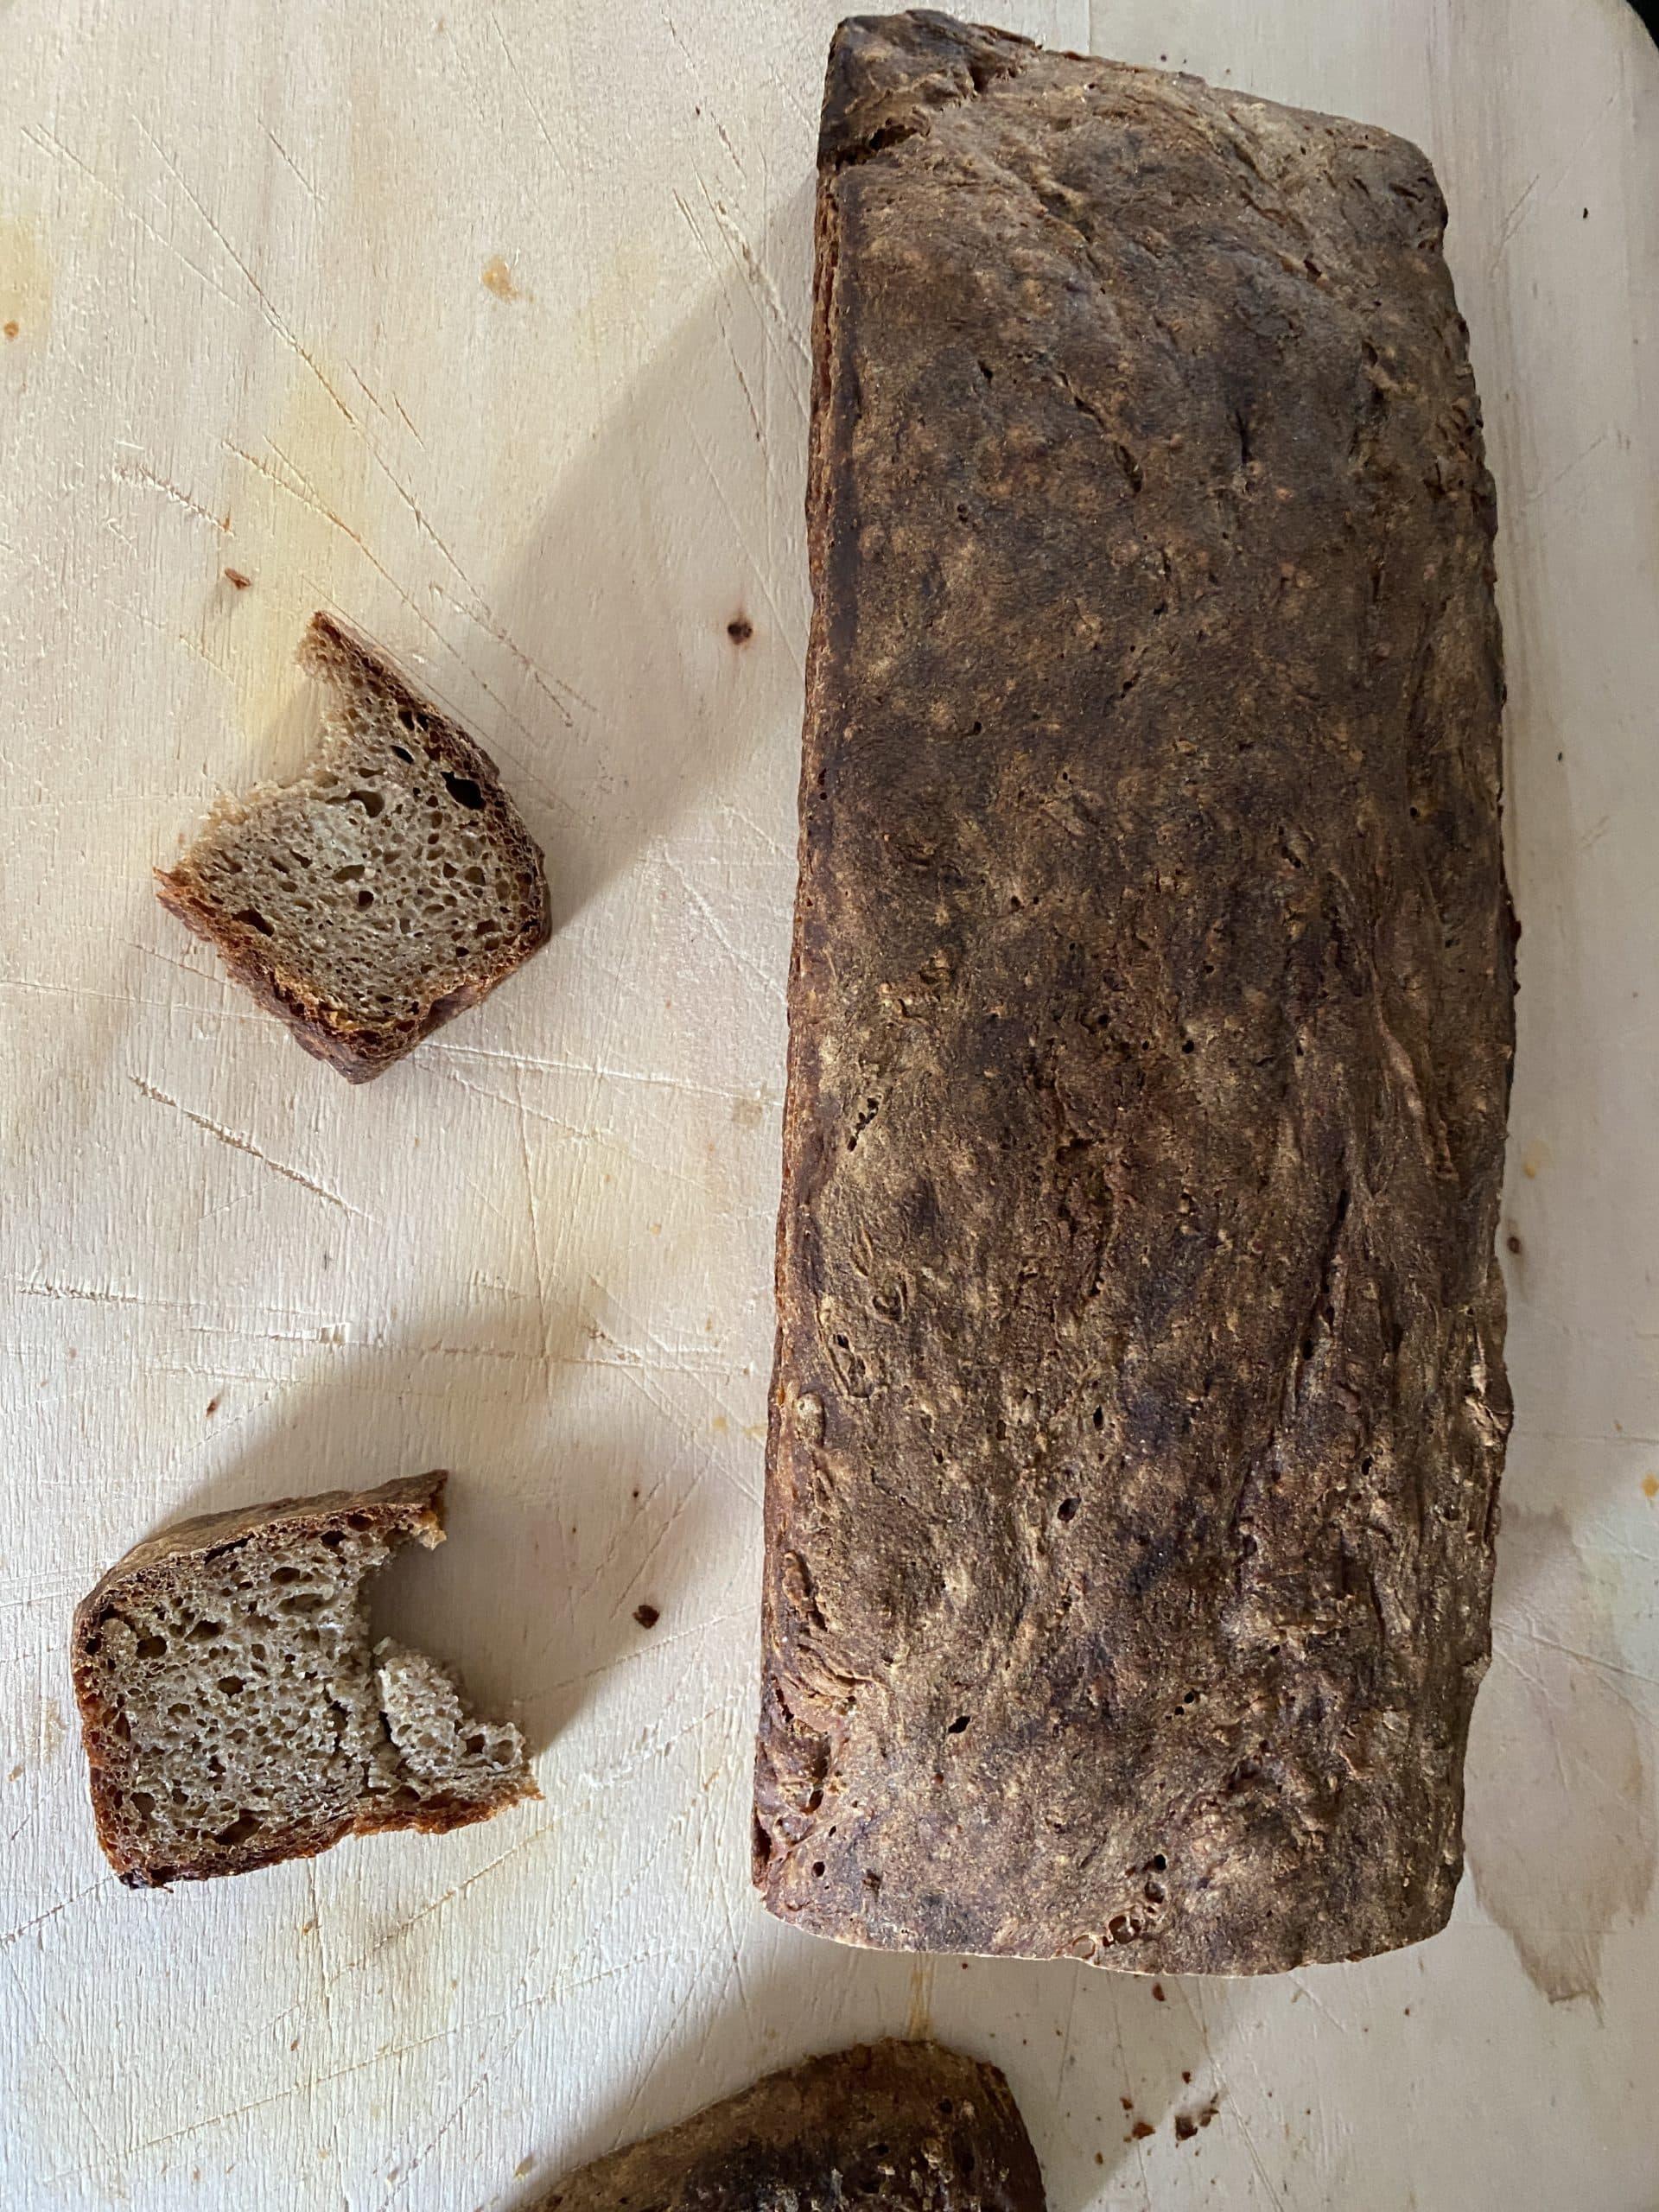 Es wird Brot gebacken.